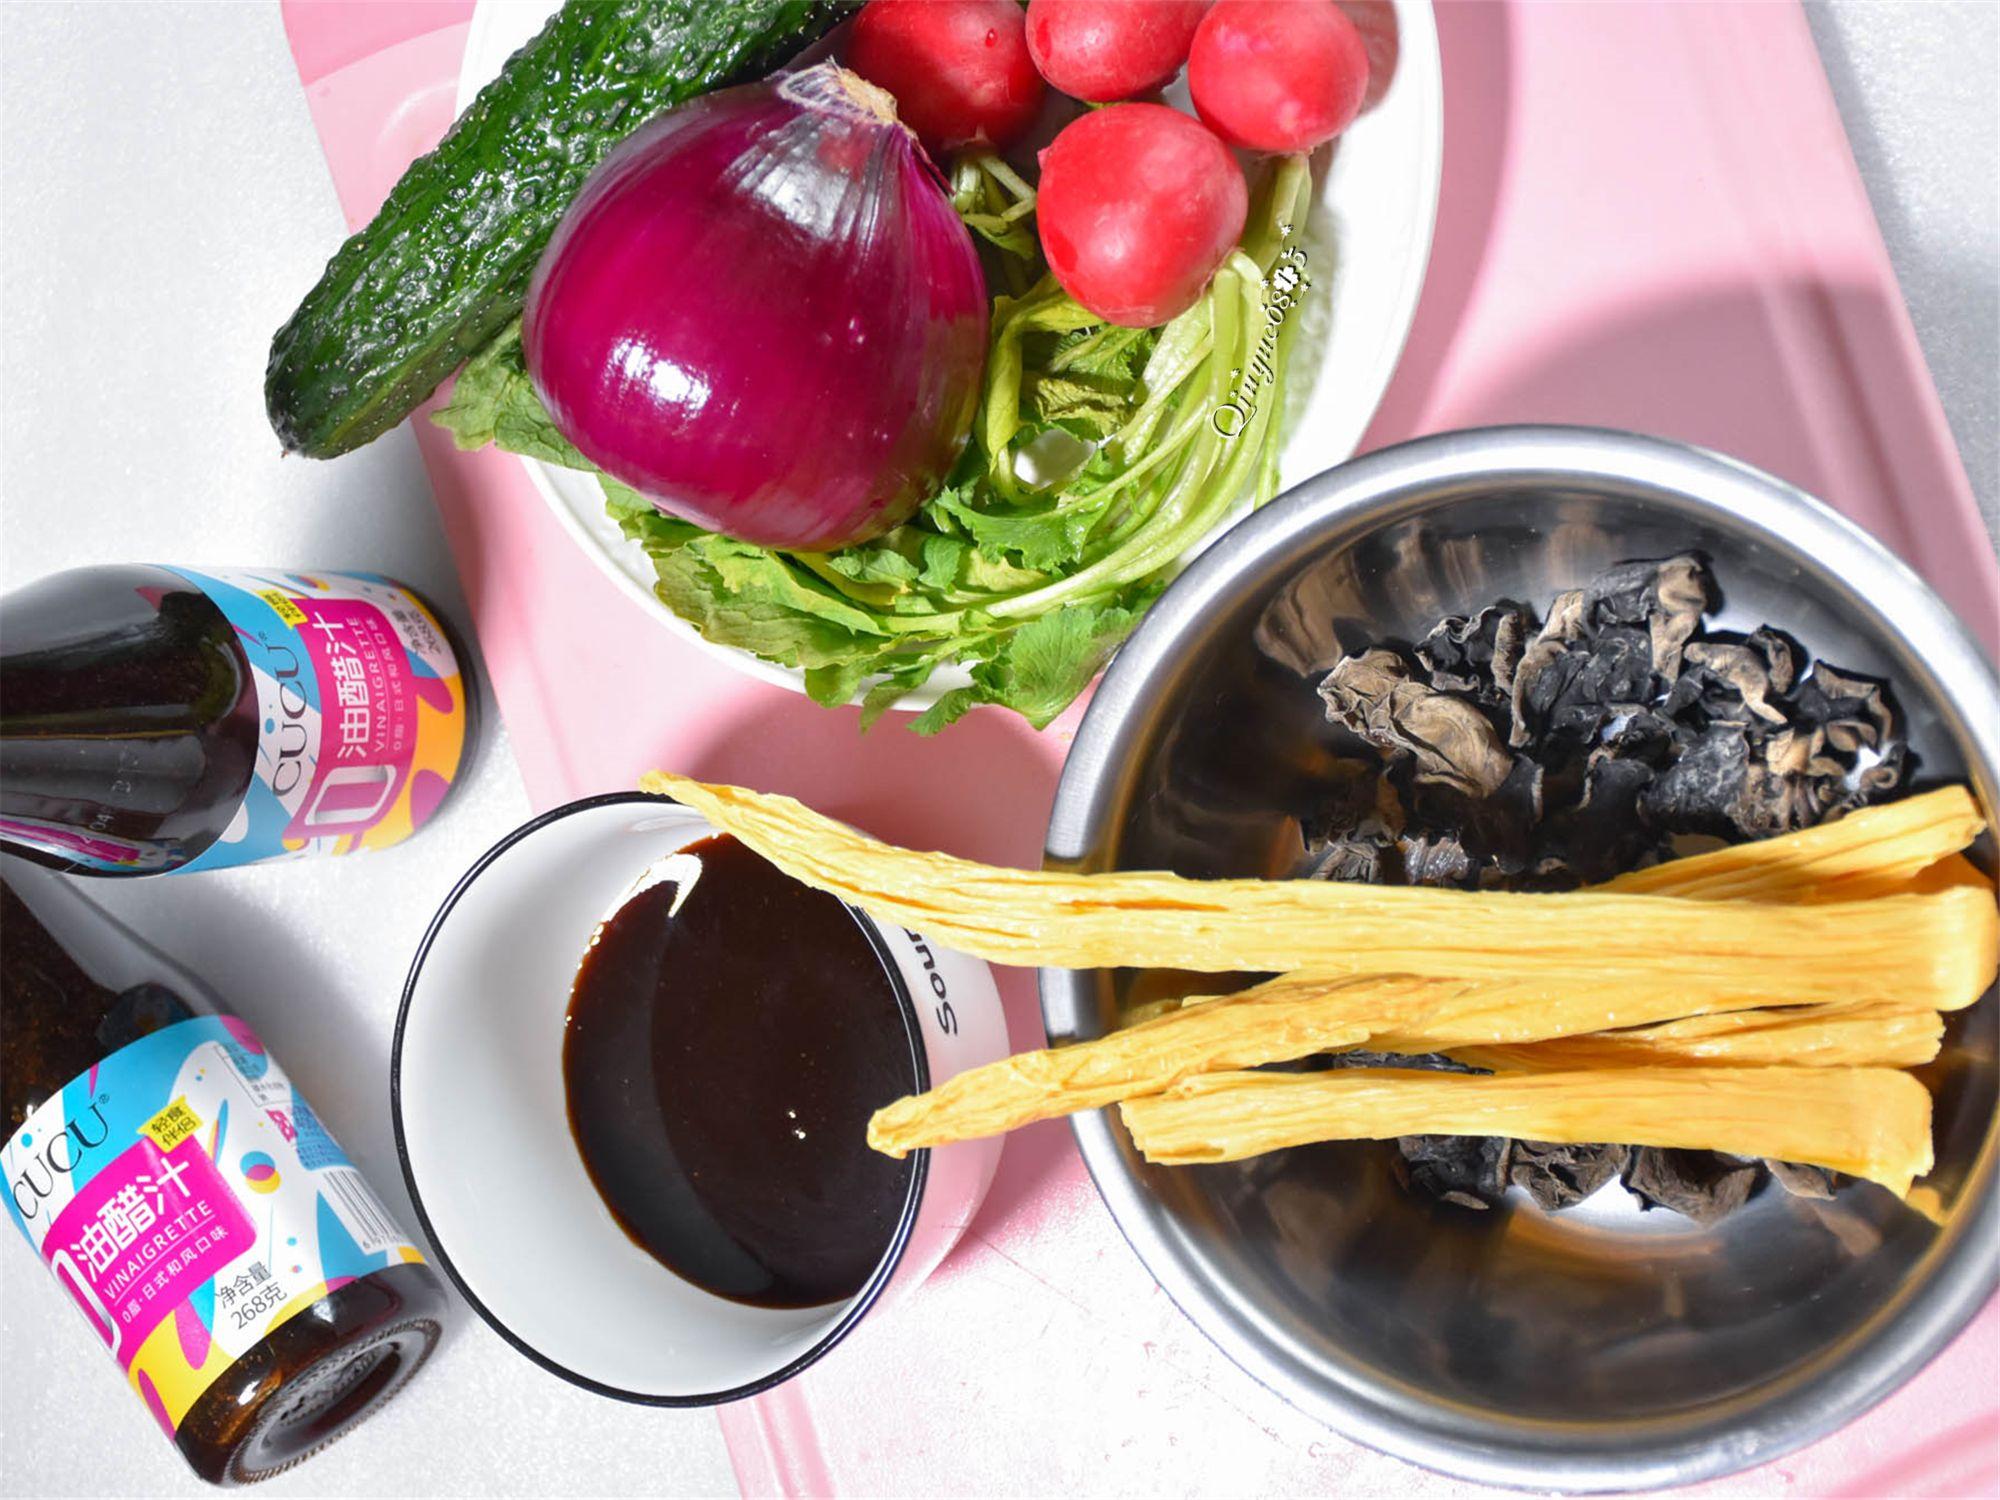 多彩凉拌菜的步骤